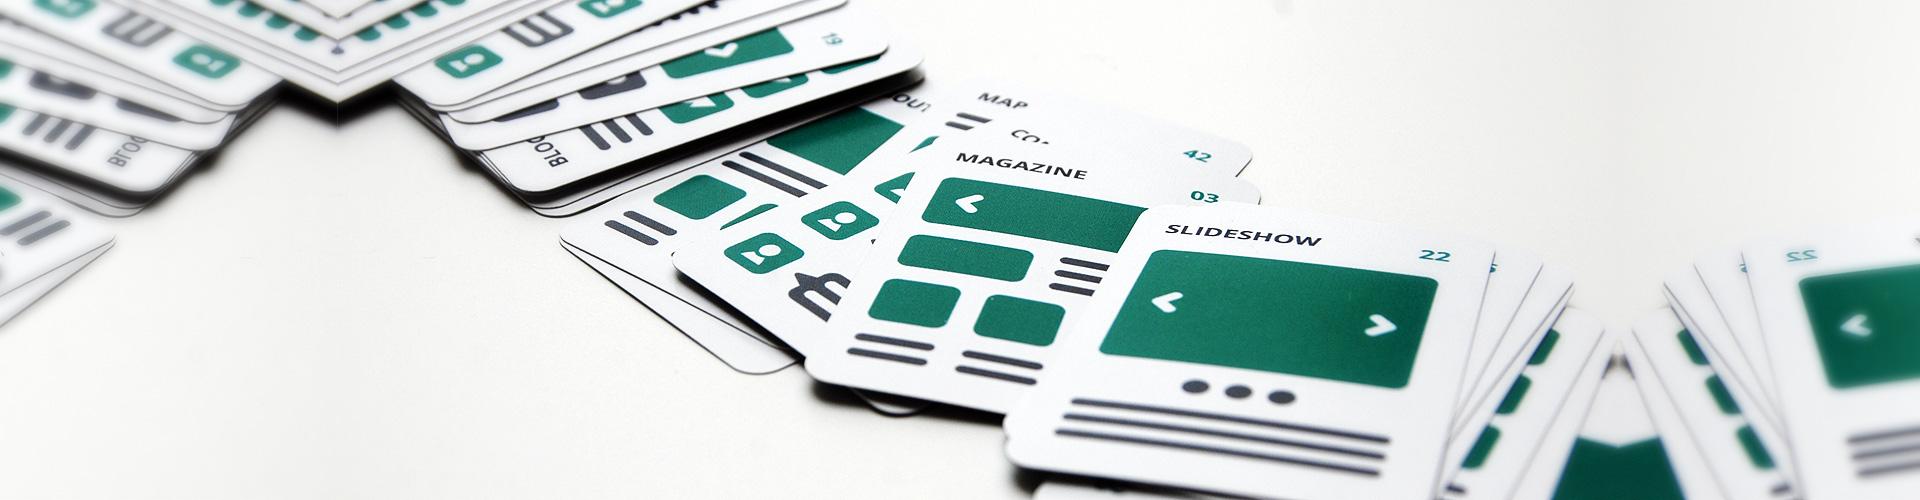 ux-flowchart-cards-6